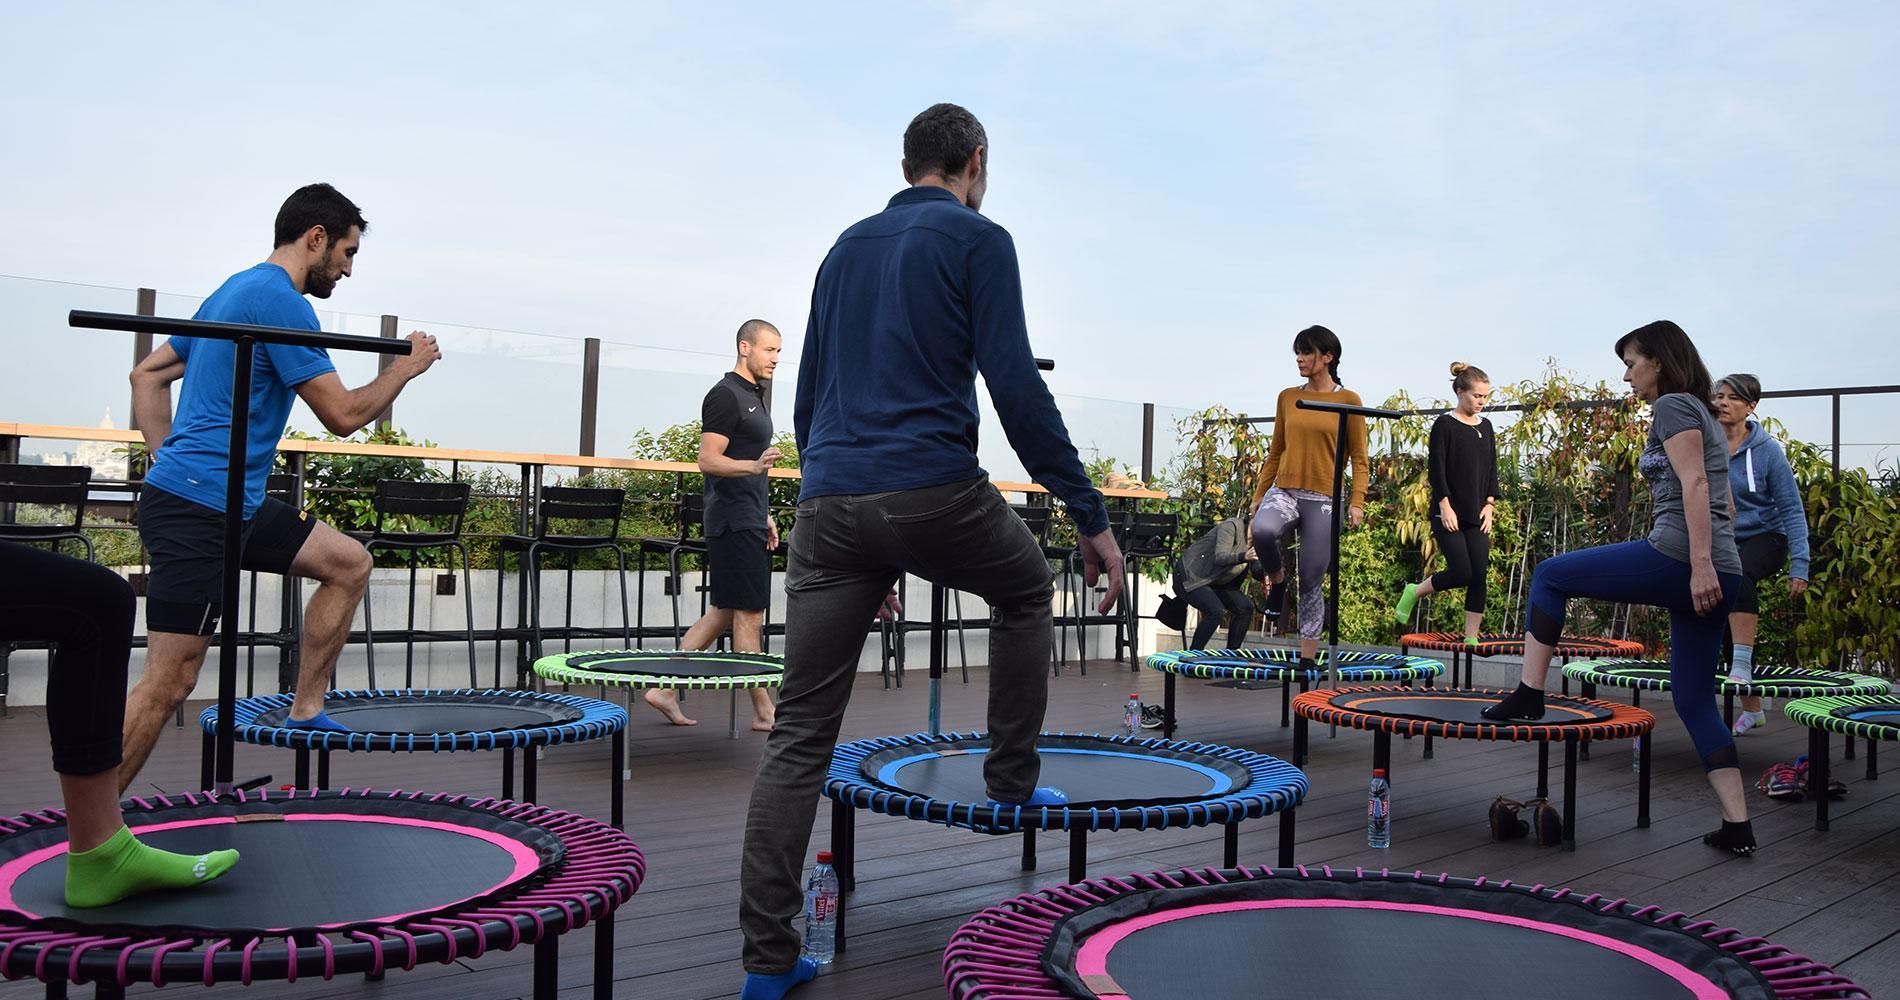 le mini trampoline nouvel accessoire de sport domicile. Black Bedroom Furniture Sets. Home Design Ideas